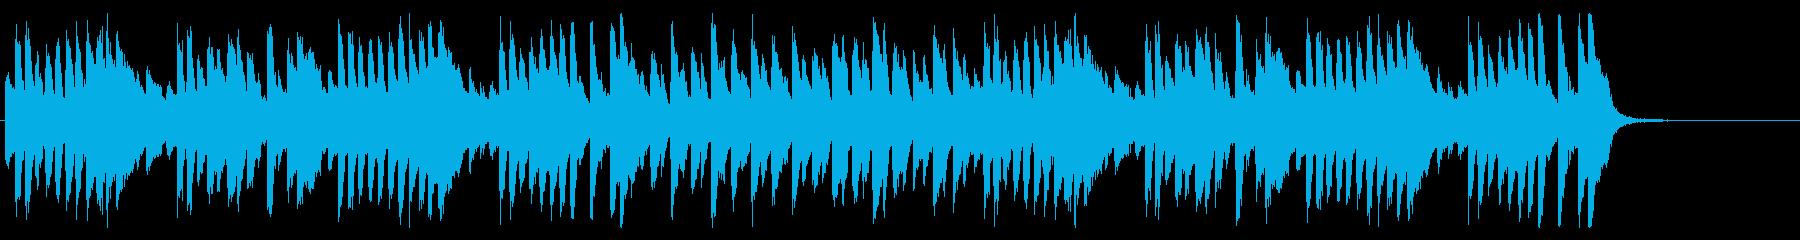 軽快なピアノのんの再生済みの波形